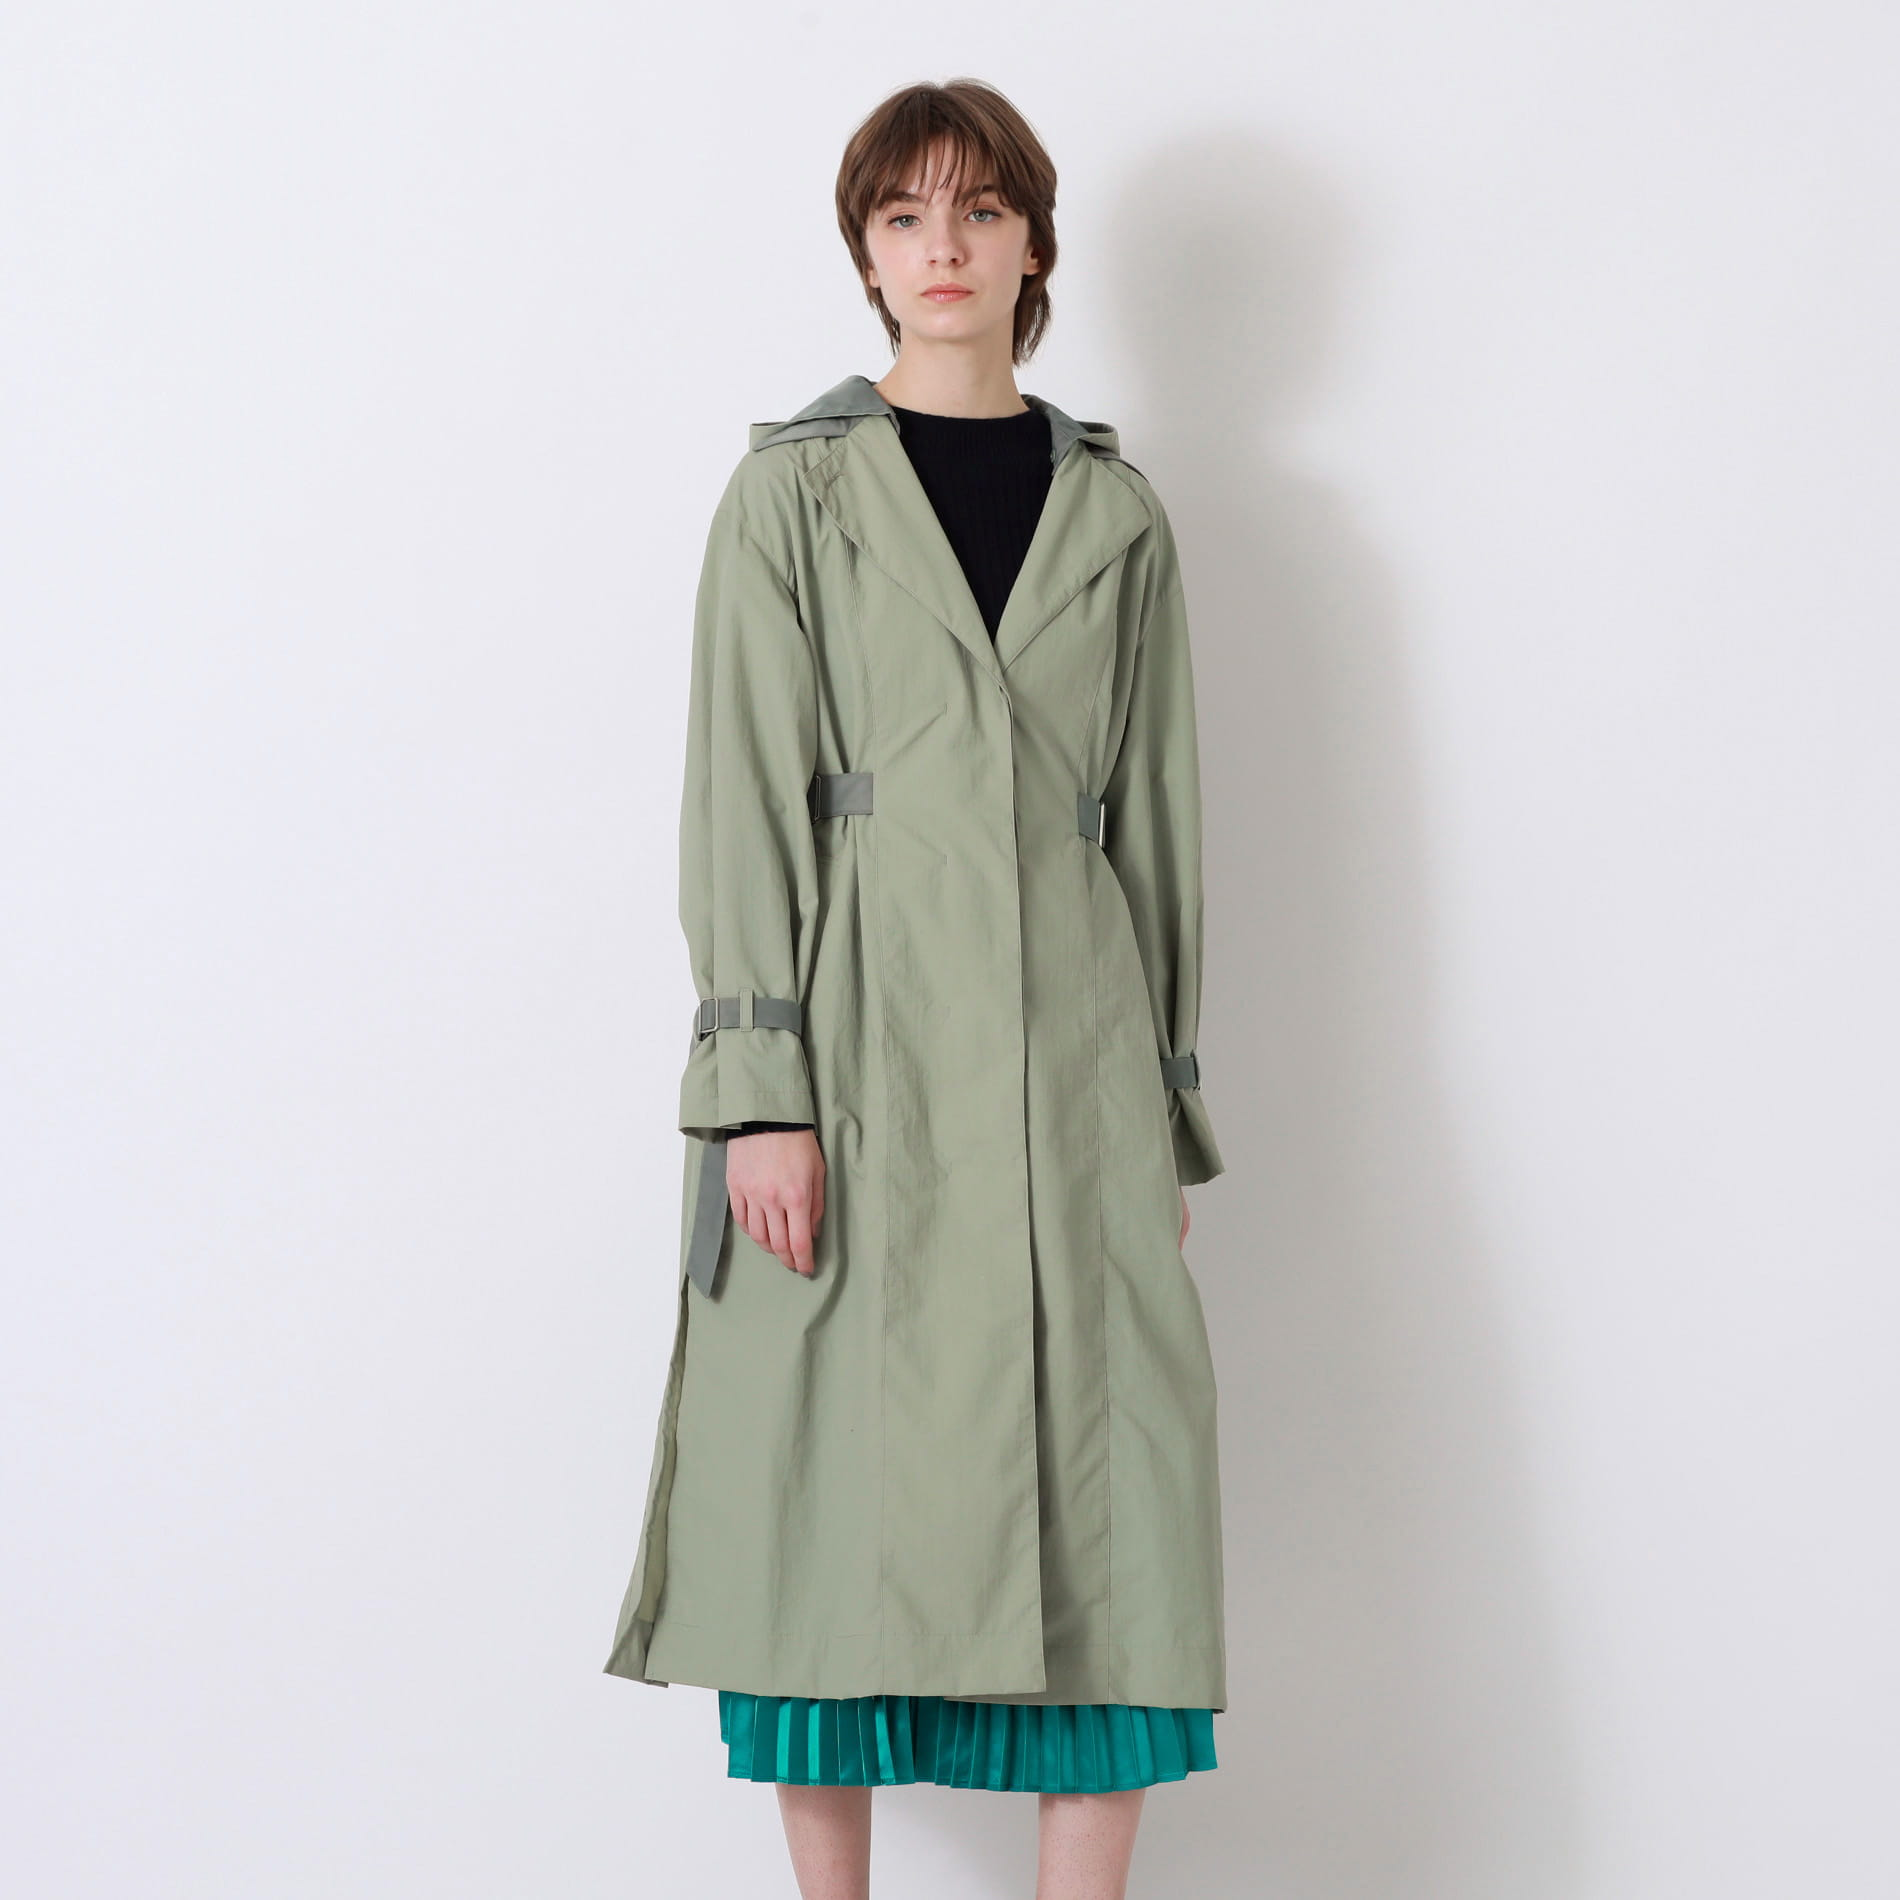 【予約販売】カーキコンビ フーデッド コート